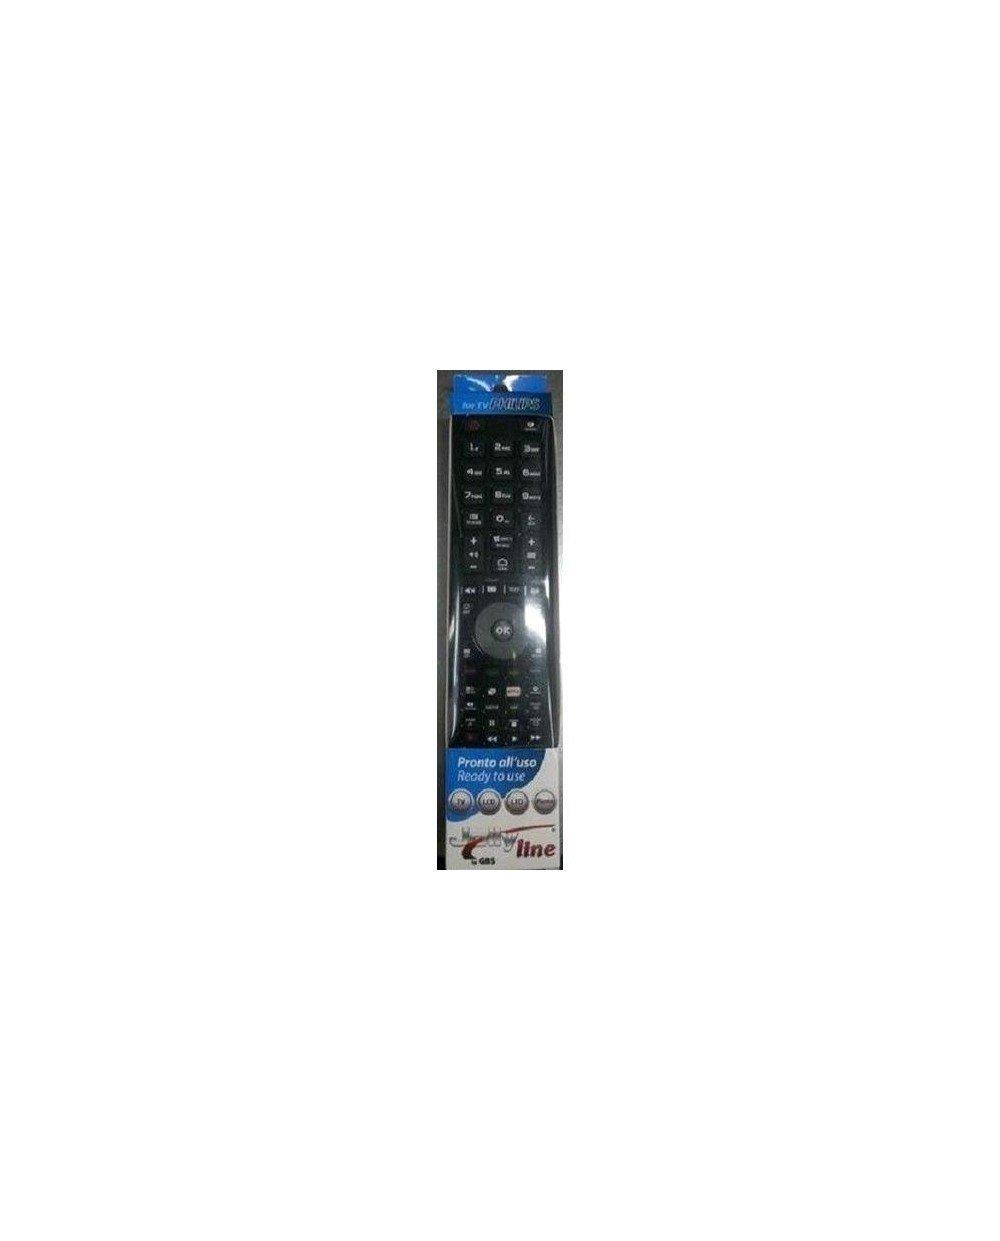 Mando a Distancia Universal para TV Philips Listo para Usar con botón Netflix gbs (1719): Amazon.es: Electrónica